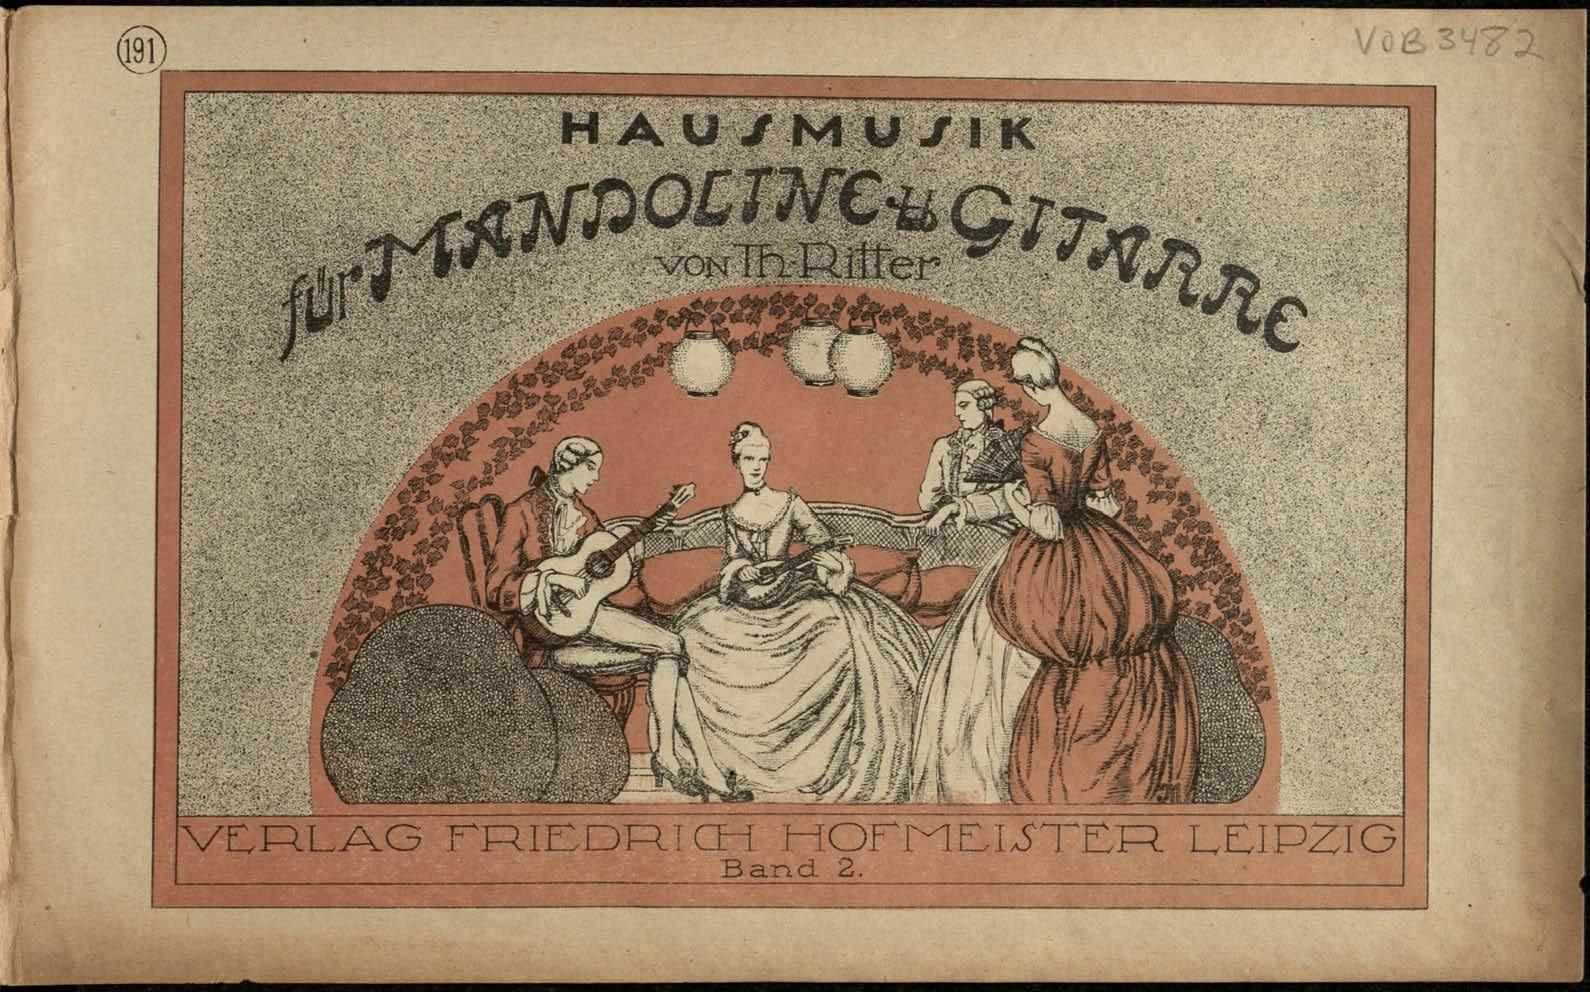 Hausmusik für Mandoline und Gitarre - Band 2 Theodor Ritter